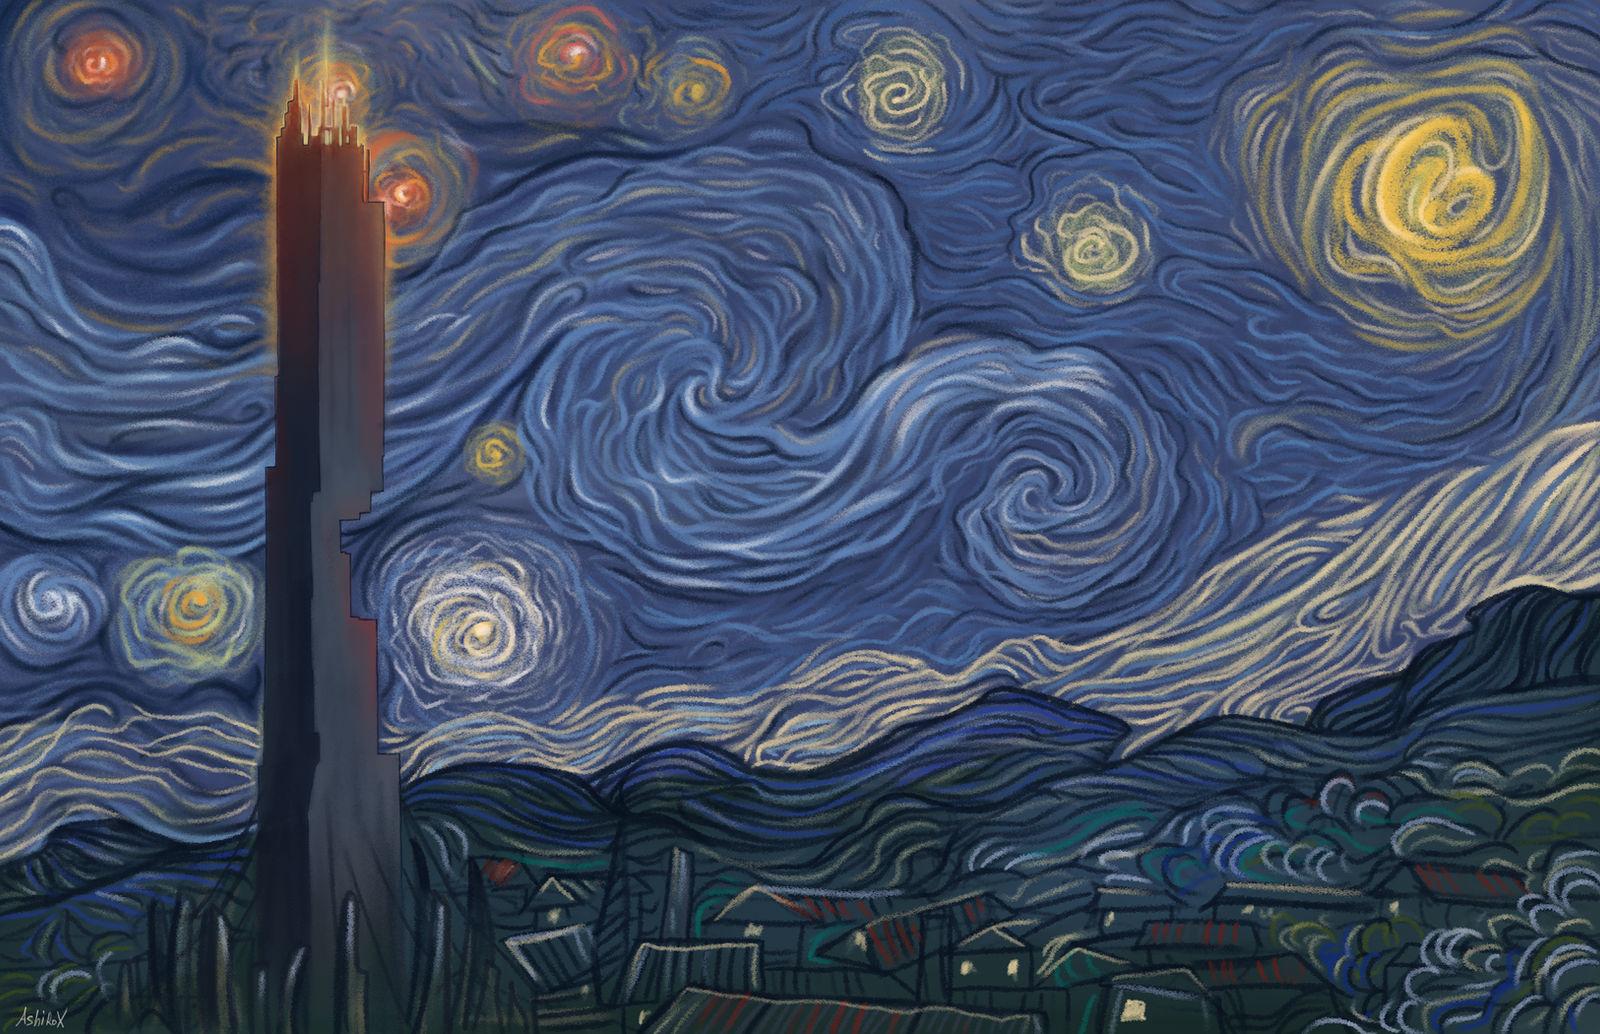 Dark energy night